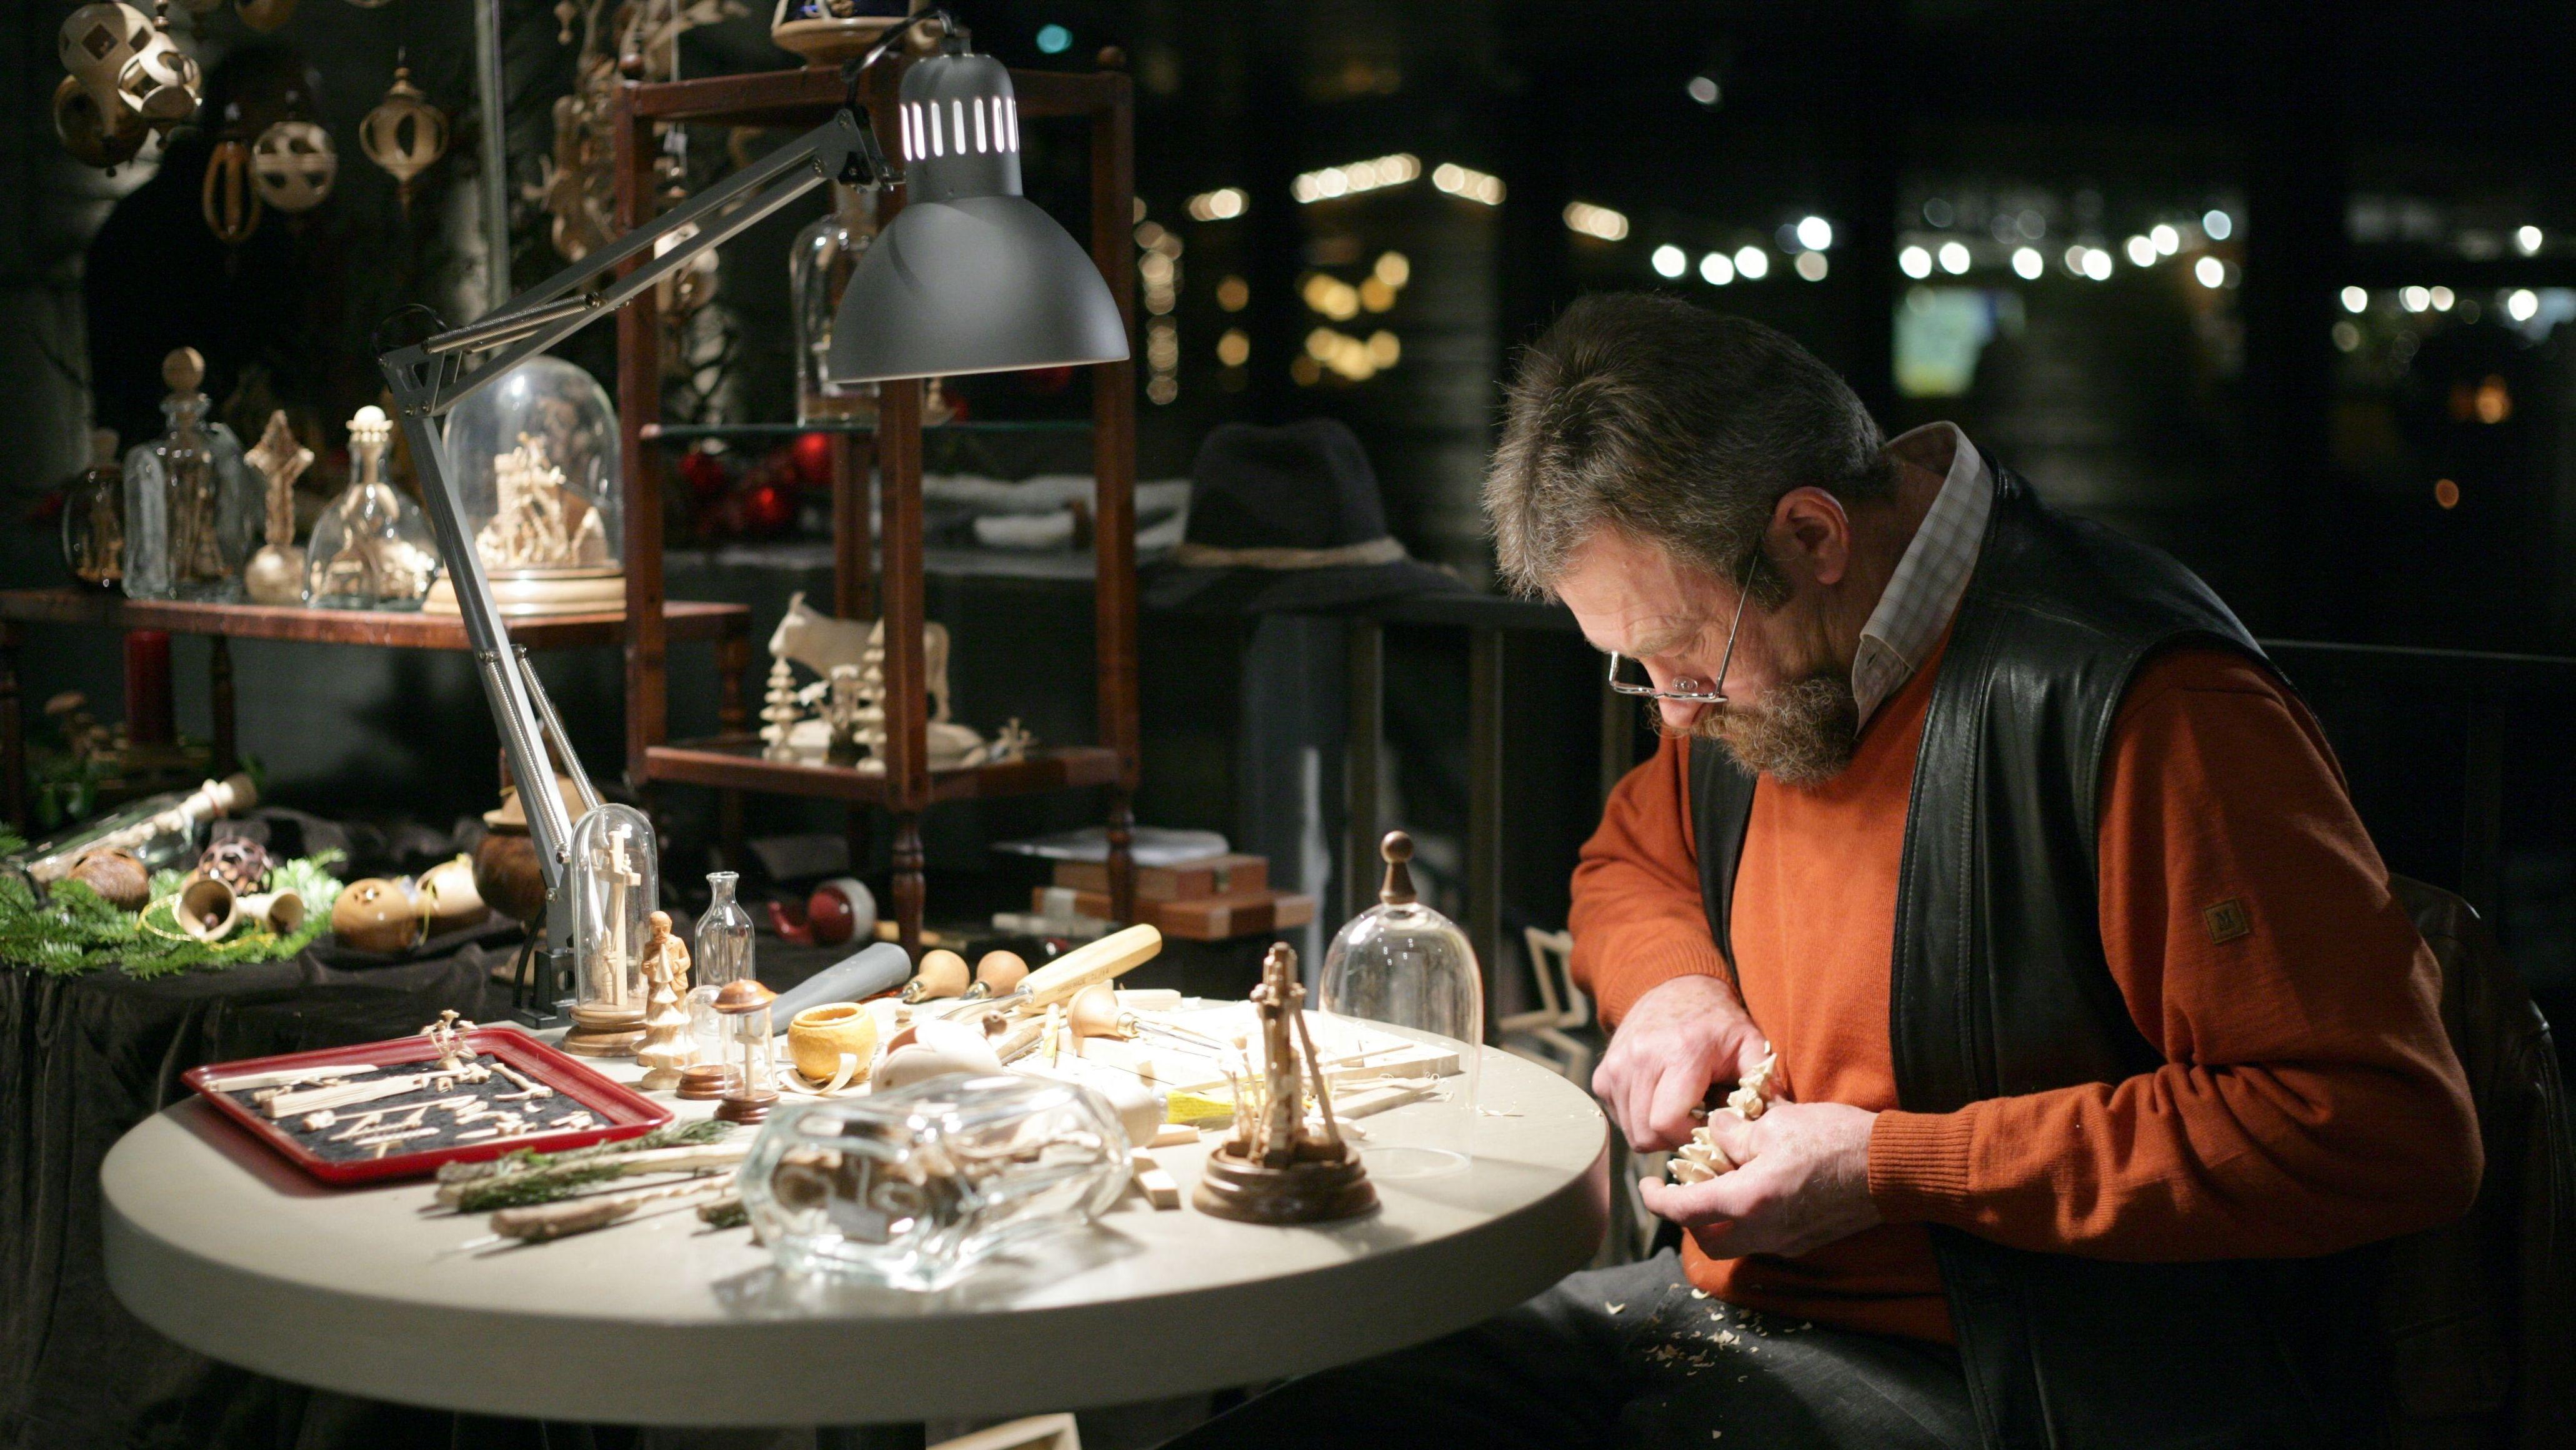 Granitweihnacht Hauzenberg (Lkr. Passau.) Besucher können Handwerker beim Schnitzen zuschauen